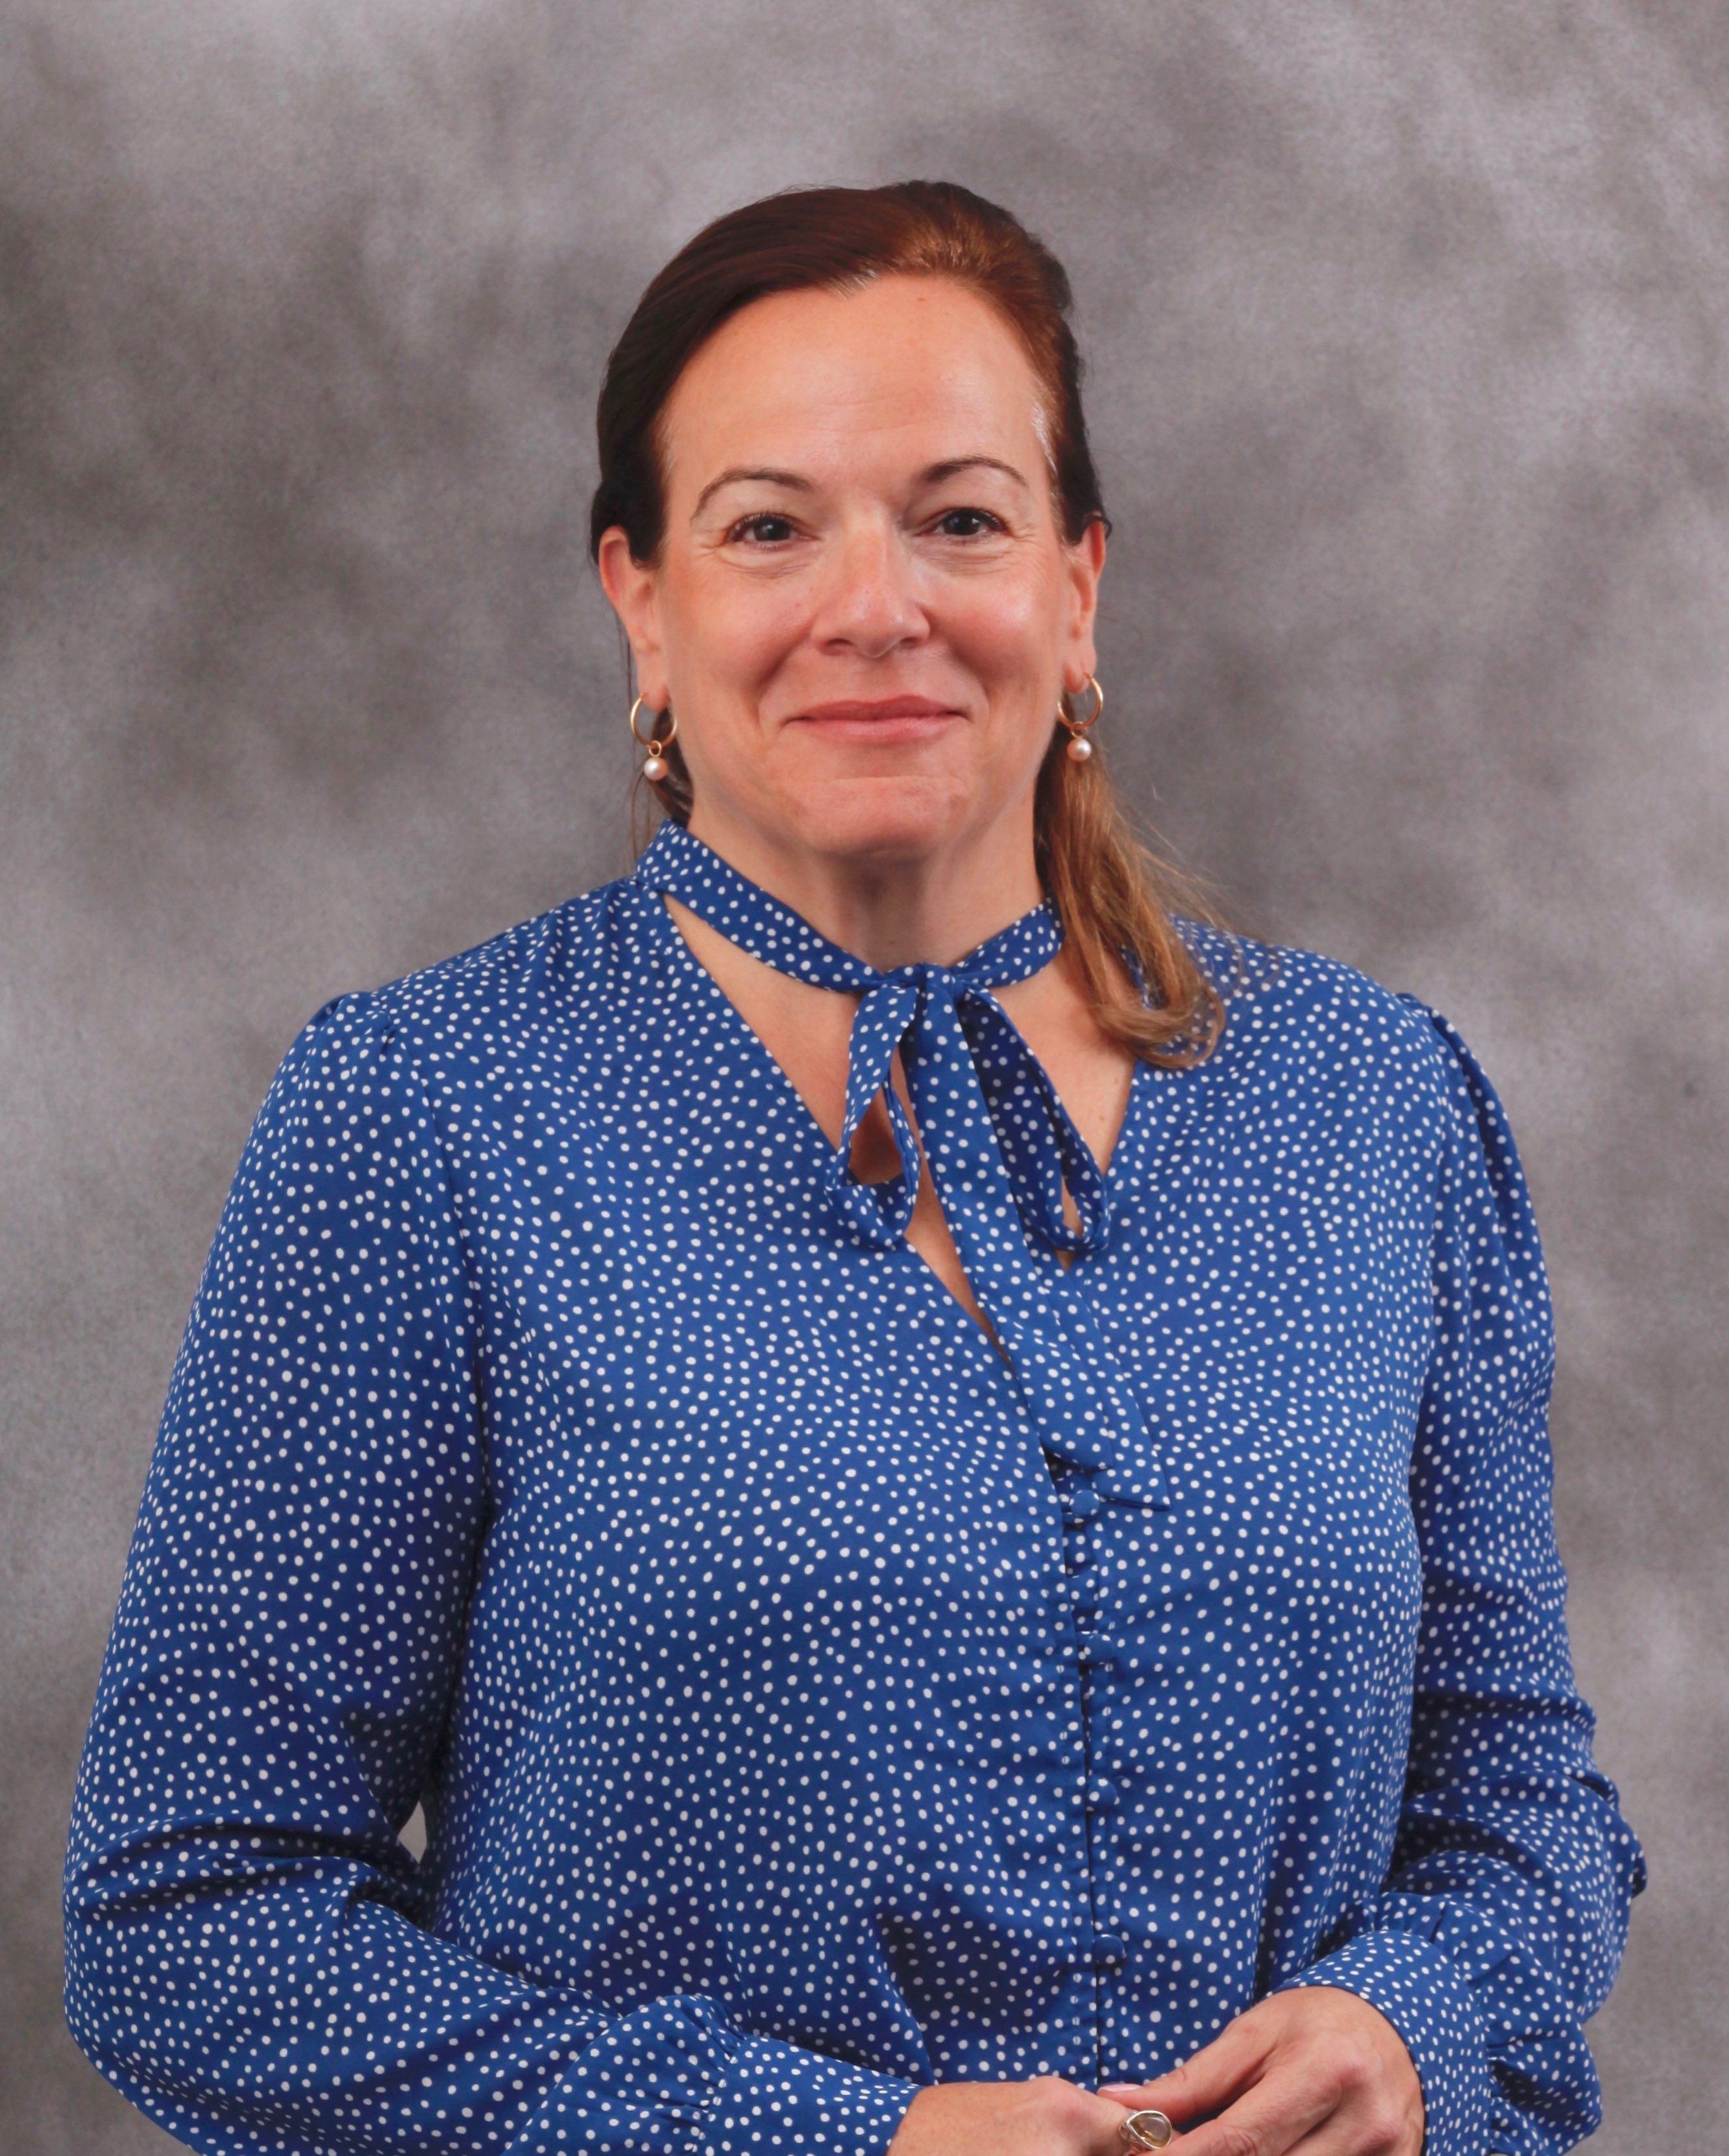 Cynthial Keppel